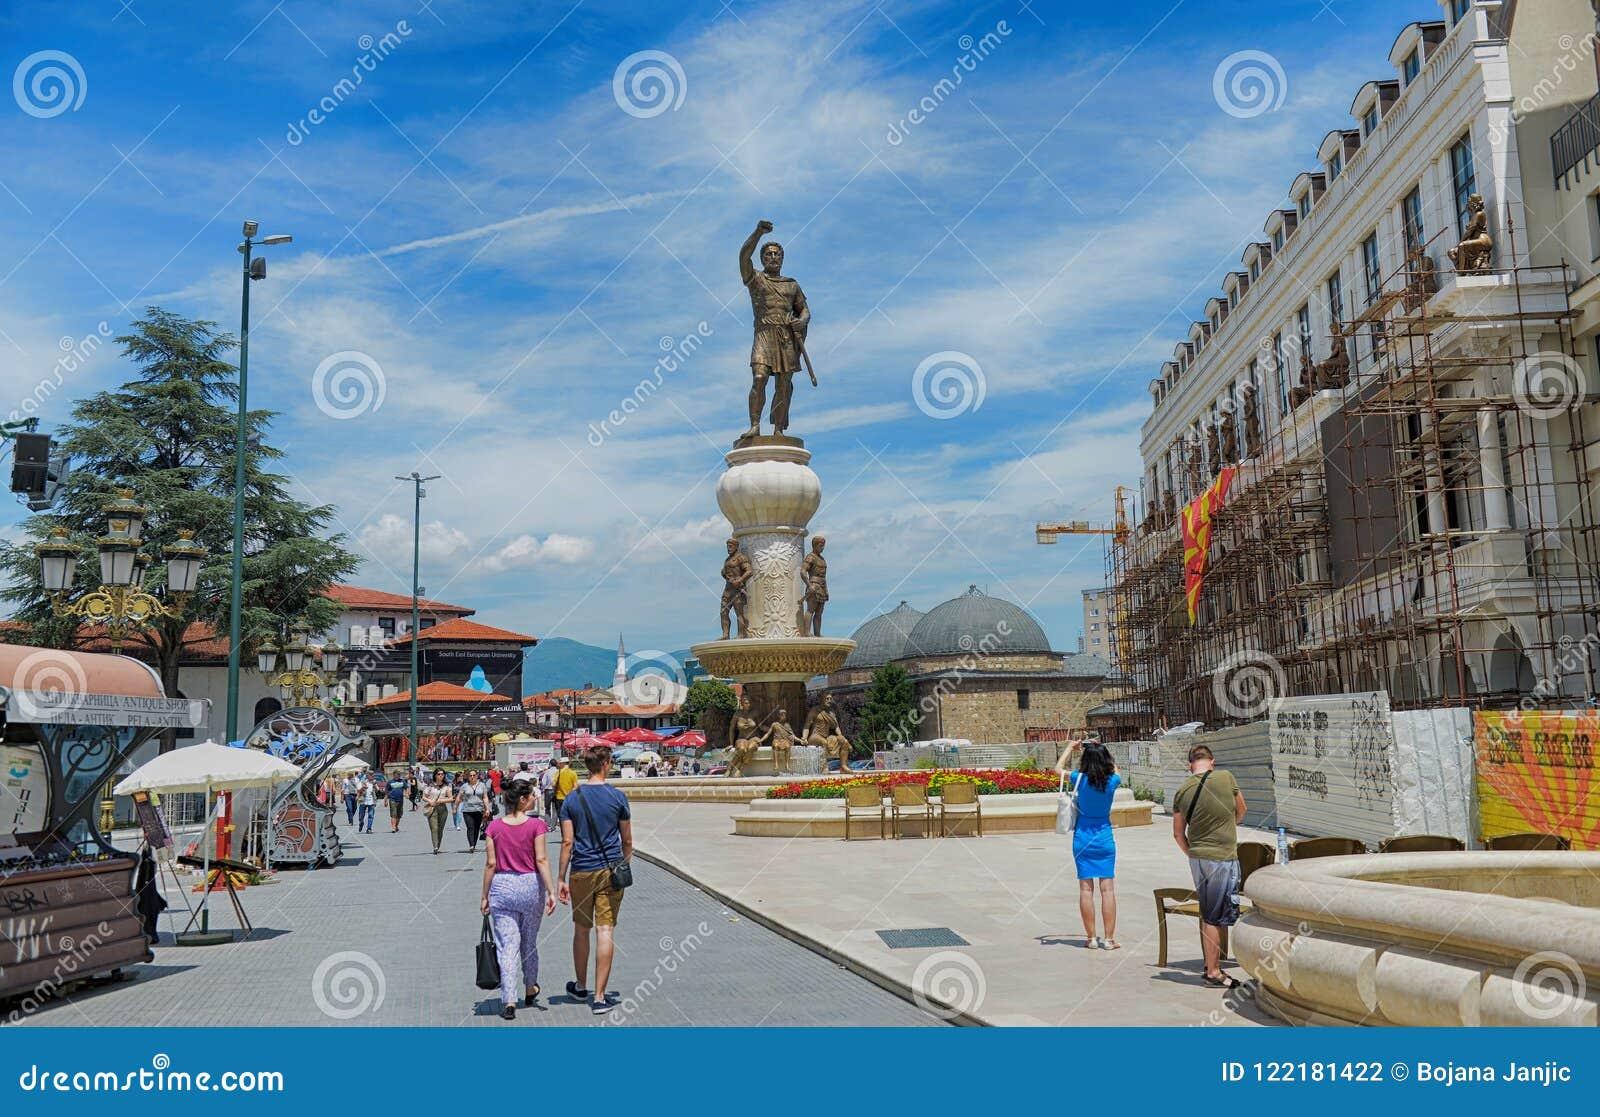 SKOPJE, MACEDONIA - June 10, 2017: Phillip II square in Skopje